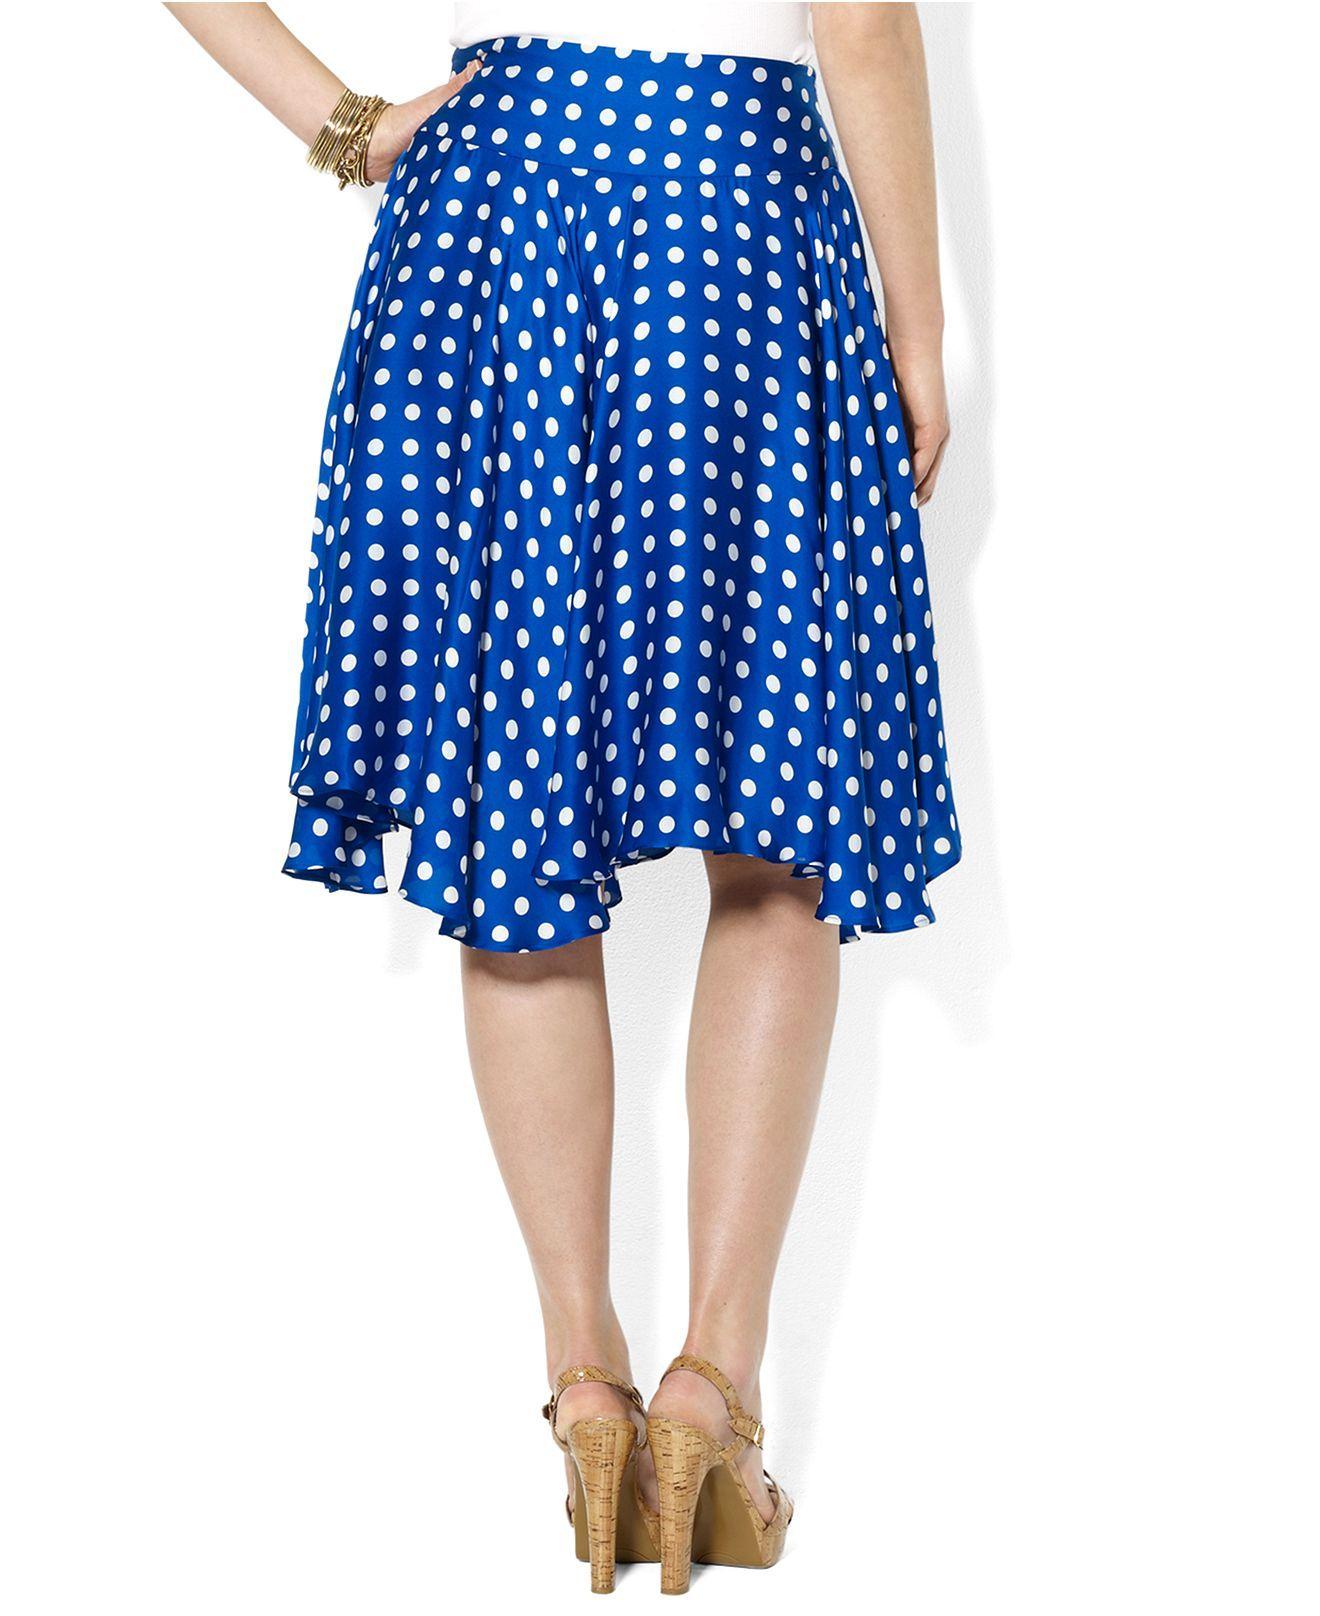 6a328f16480e2 Lauren Ralph Lauren Plus Size Skirt